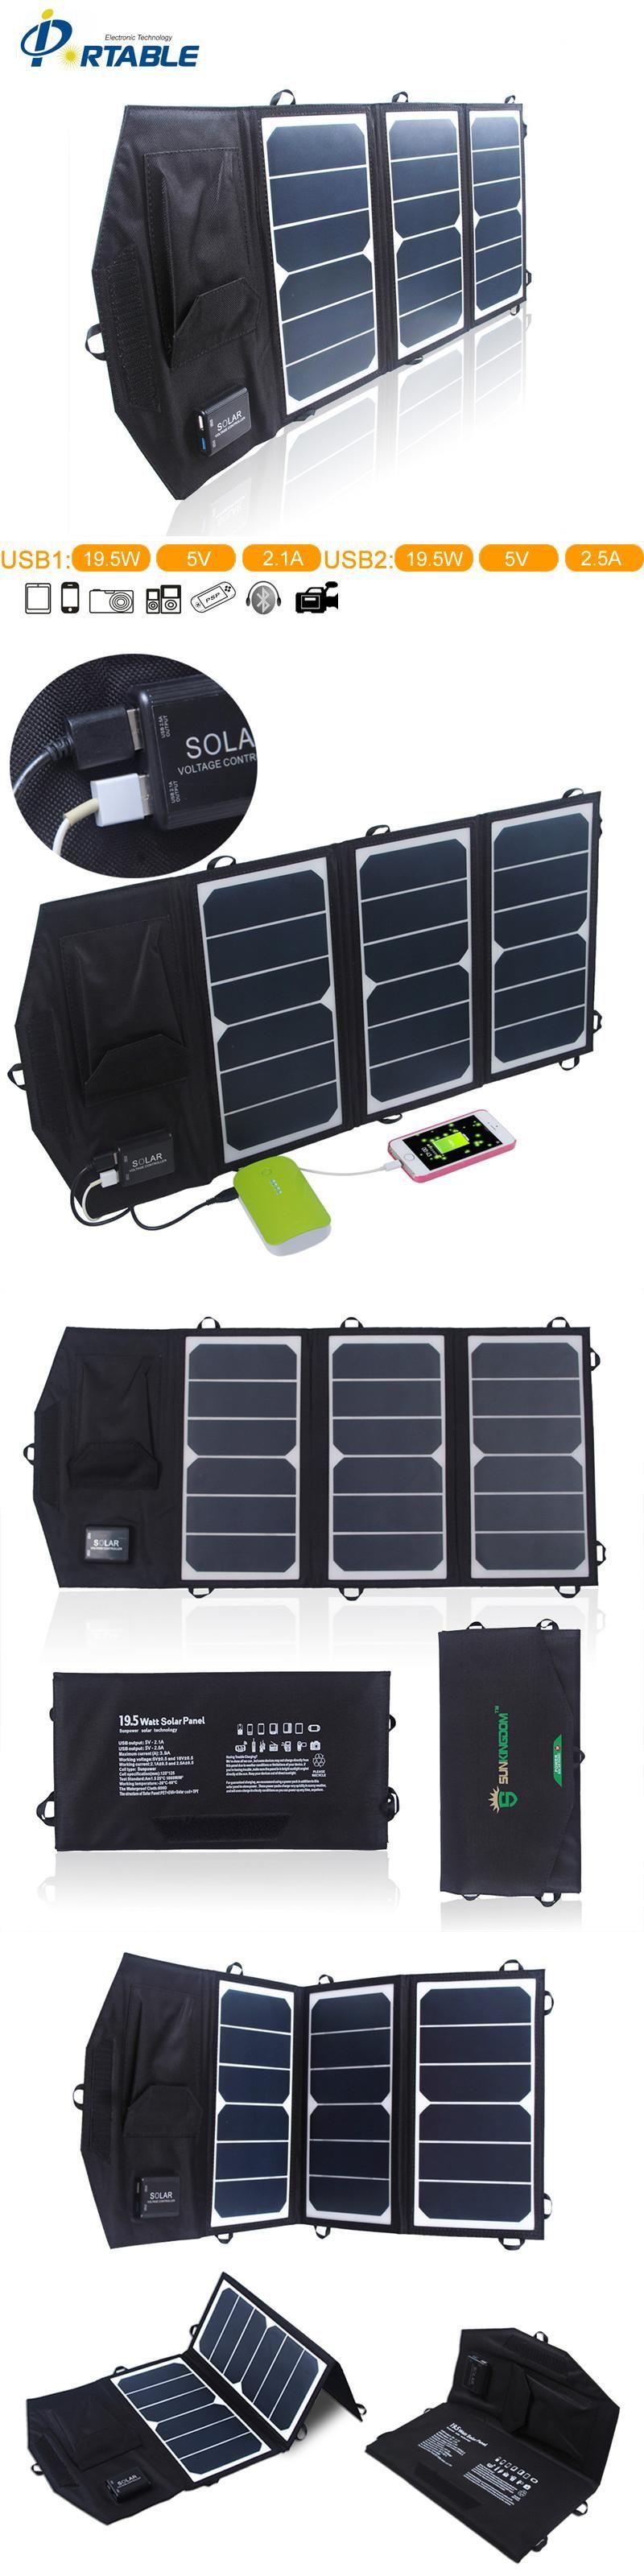 6ddb0e39d7ea77c023faa699c46fdc5a Top Result 50 Inspirational Portable solar Panels Image 2018 Hdj5